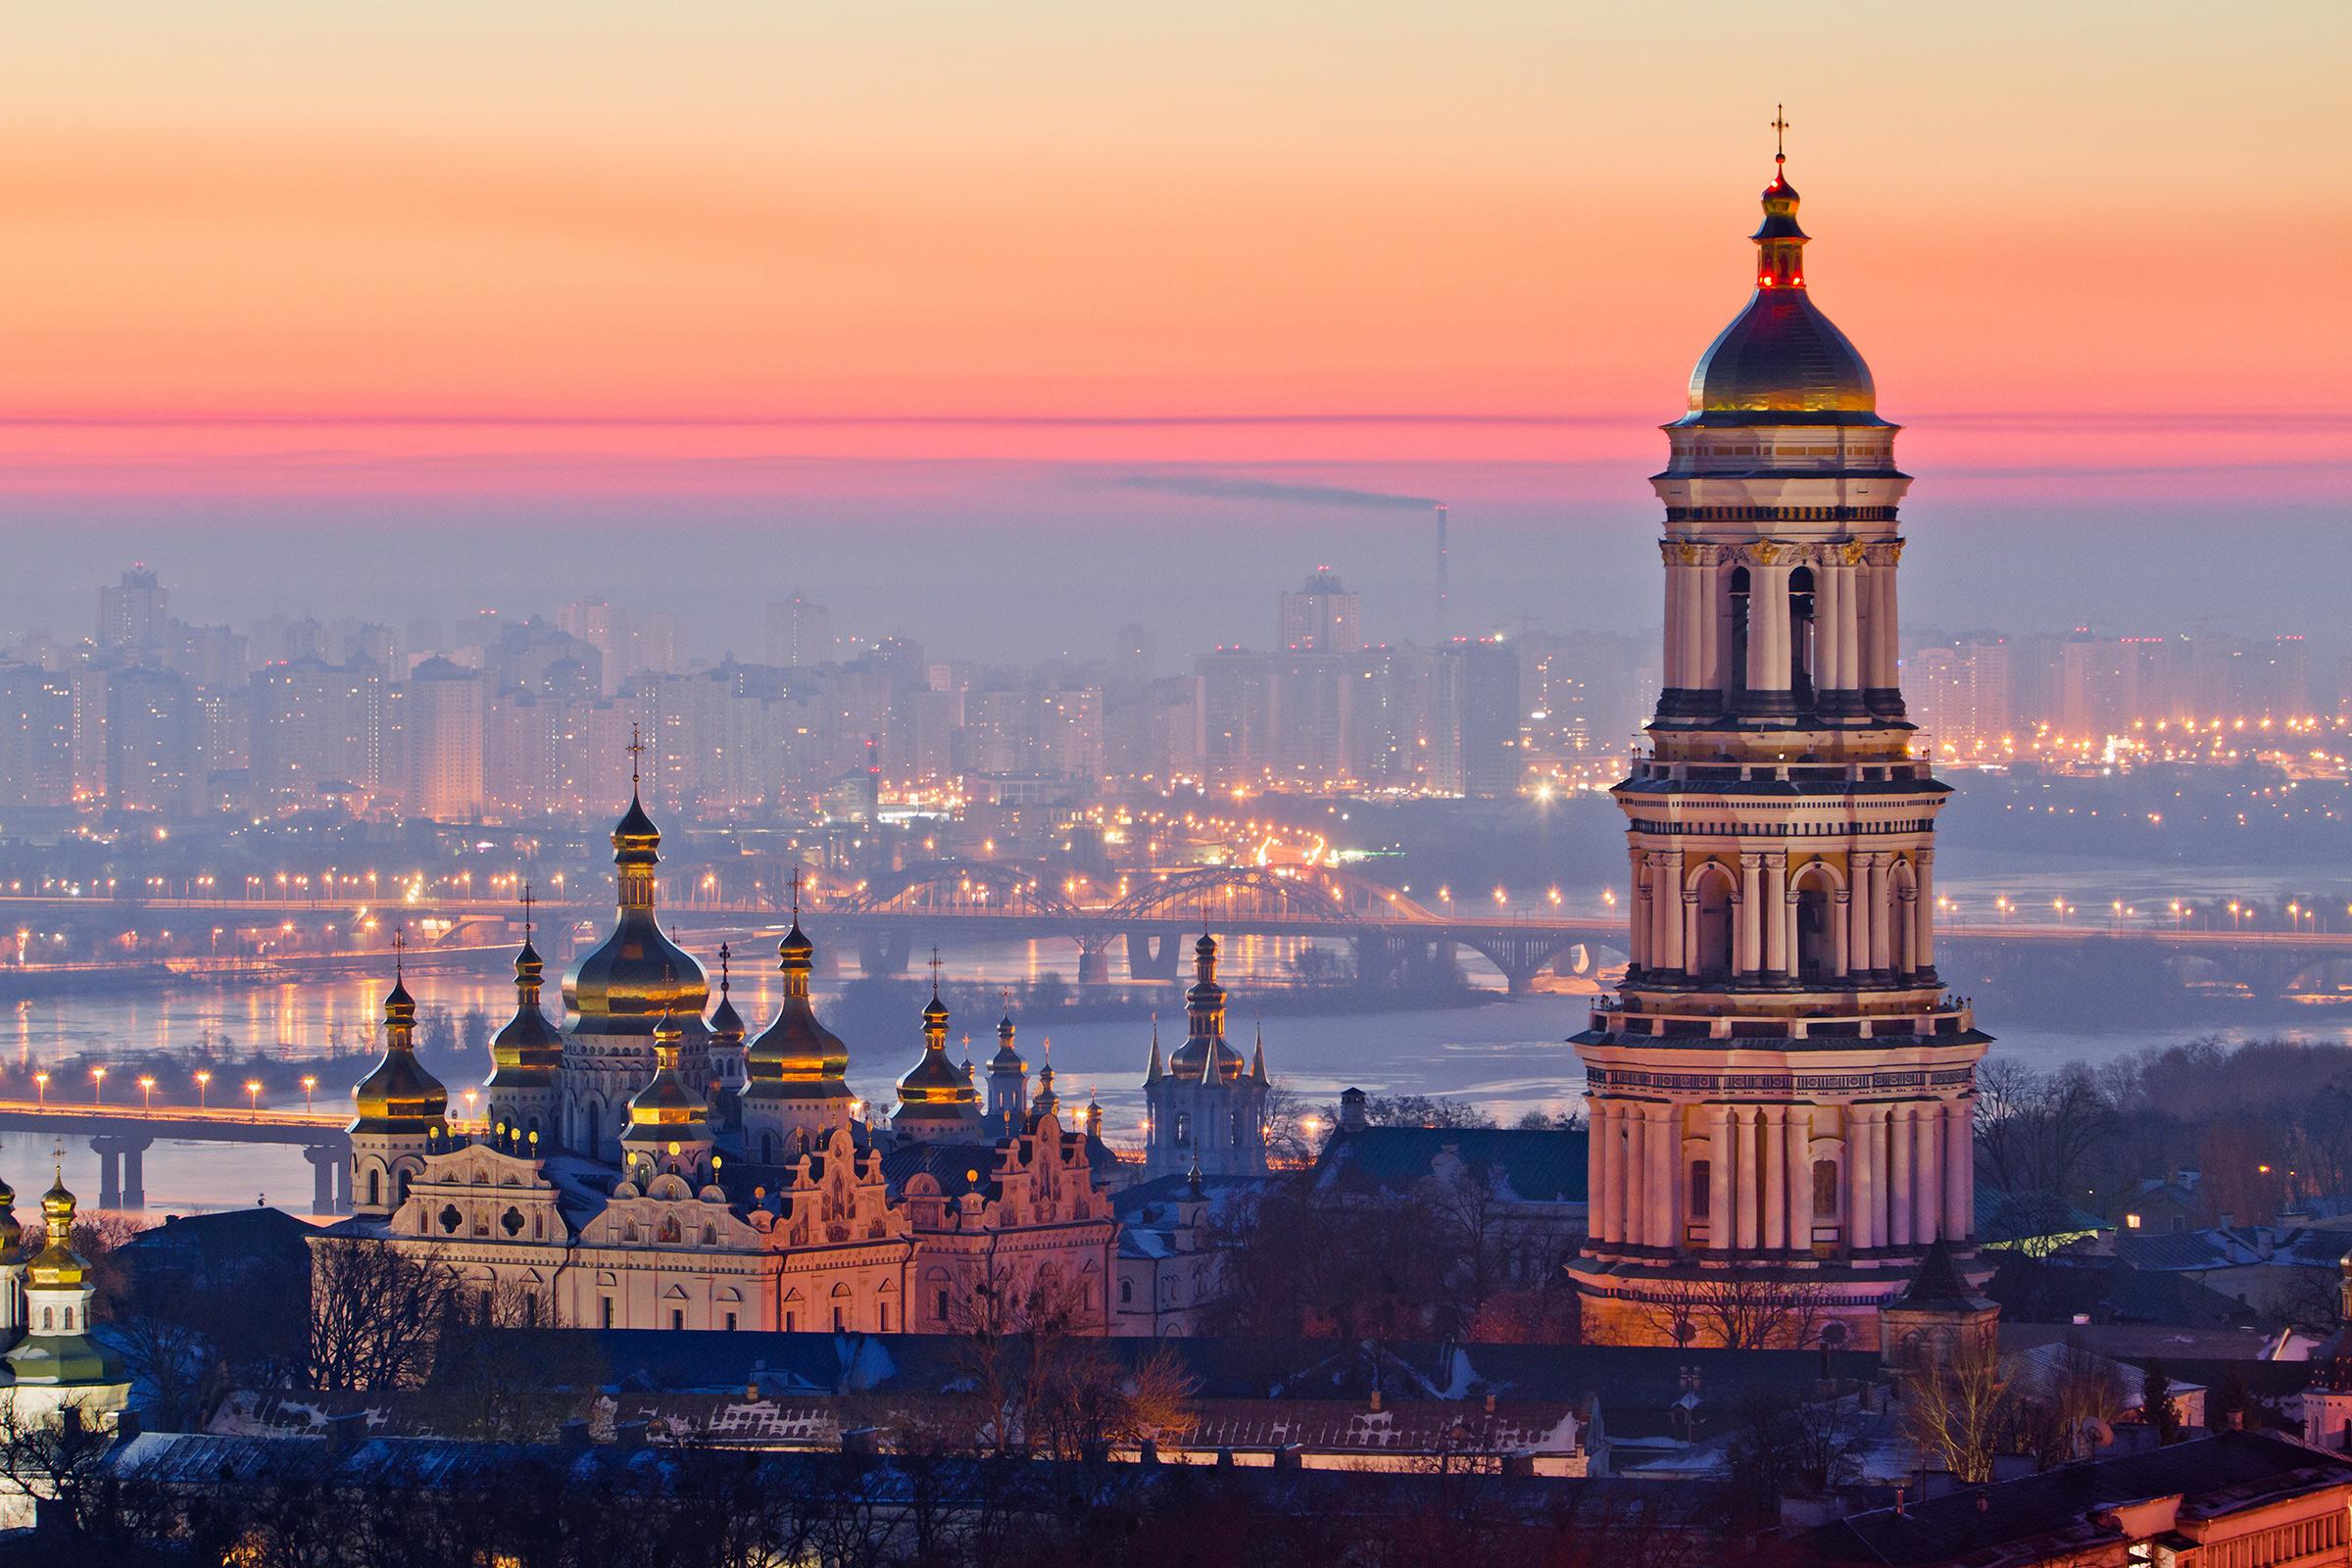 Ukraine Kiev Pechersk Lavra